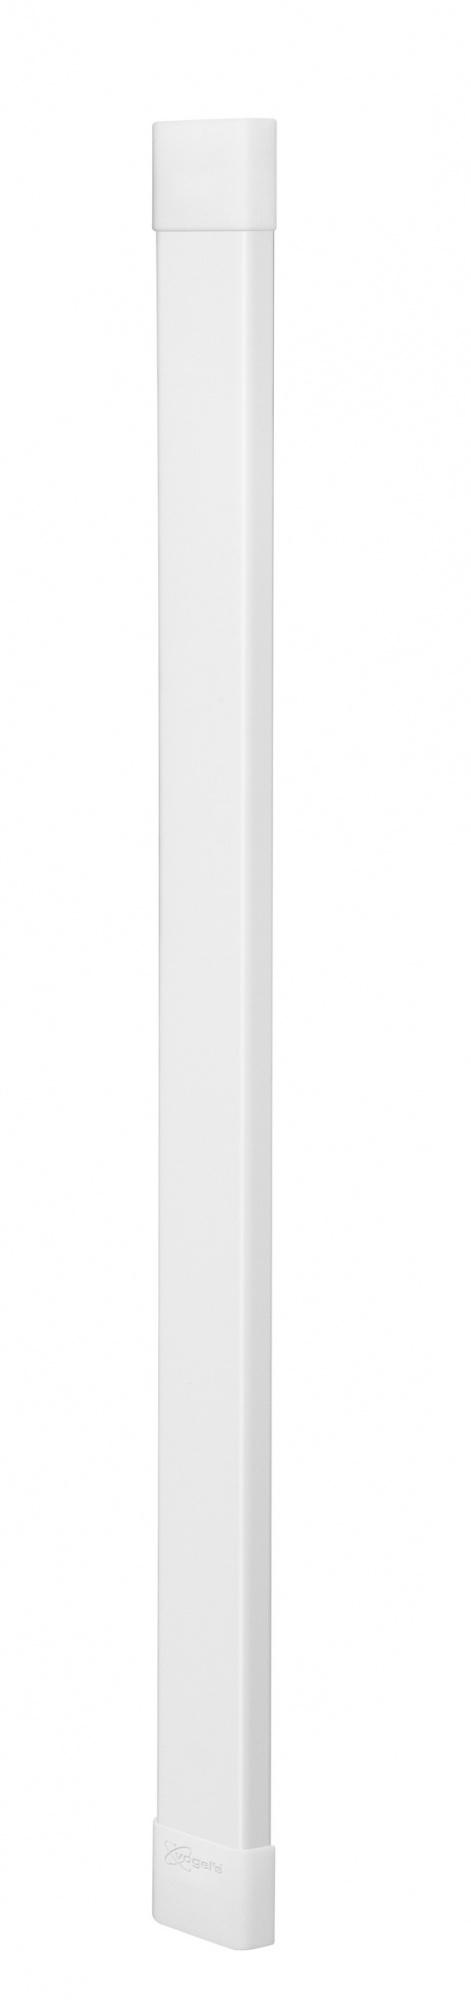 Vogel's Cable 8 - настенная пластина для 8 кабелей (White)